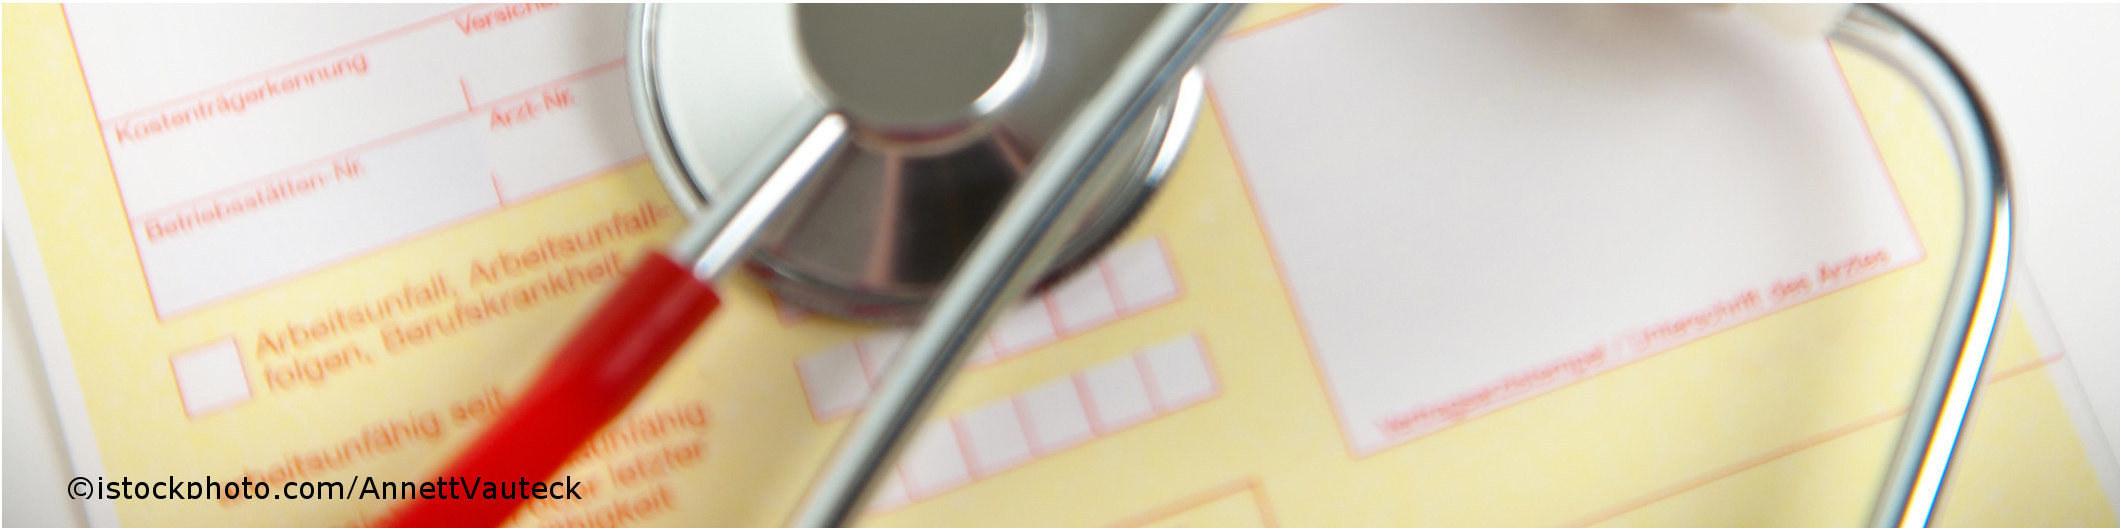 Im ICD-10 Diagnoseschlüssel steht H10 für Konjunktivitis, also Bindehautentzündung im Auge.